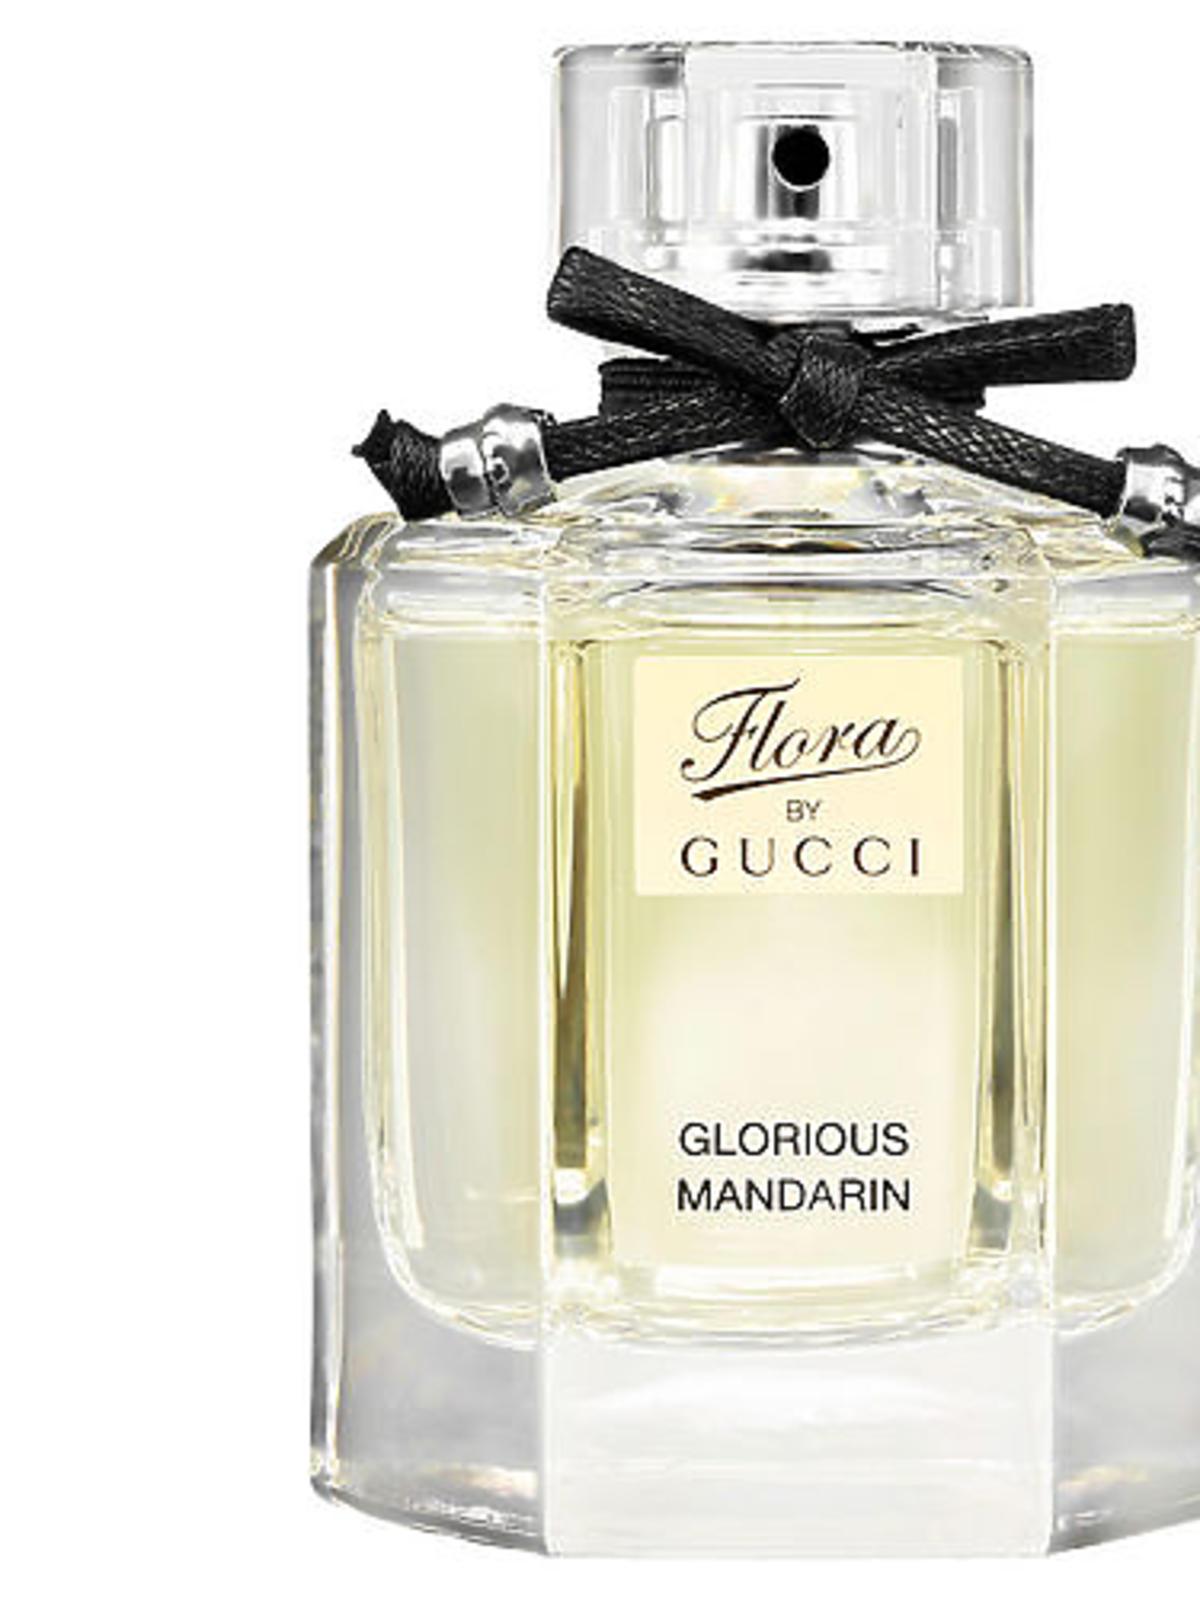 Wyprzedaże Sephora 2016 zima: perfumy Gucci Flora by Gucci Glorious Mandarin Woda Toaletowa 50 ml, cena: 169 zł (z 299 zł)